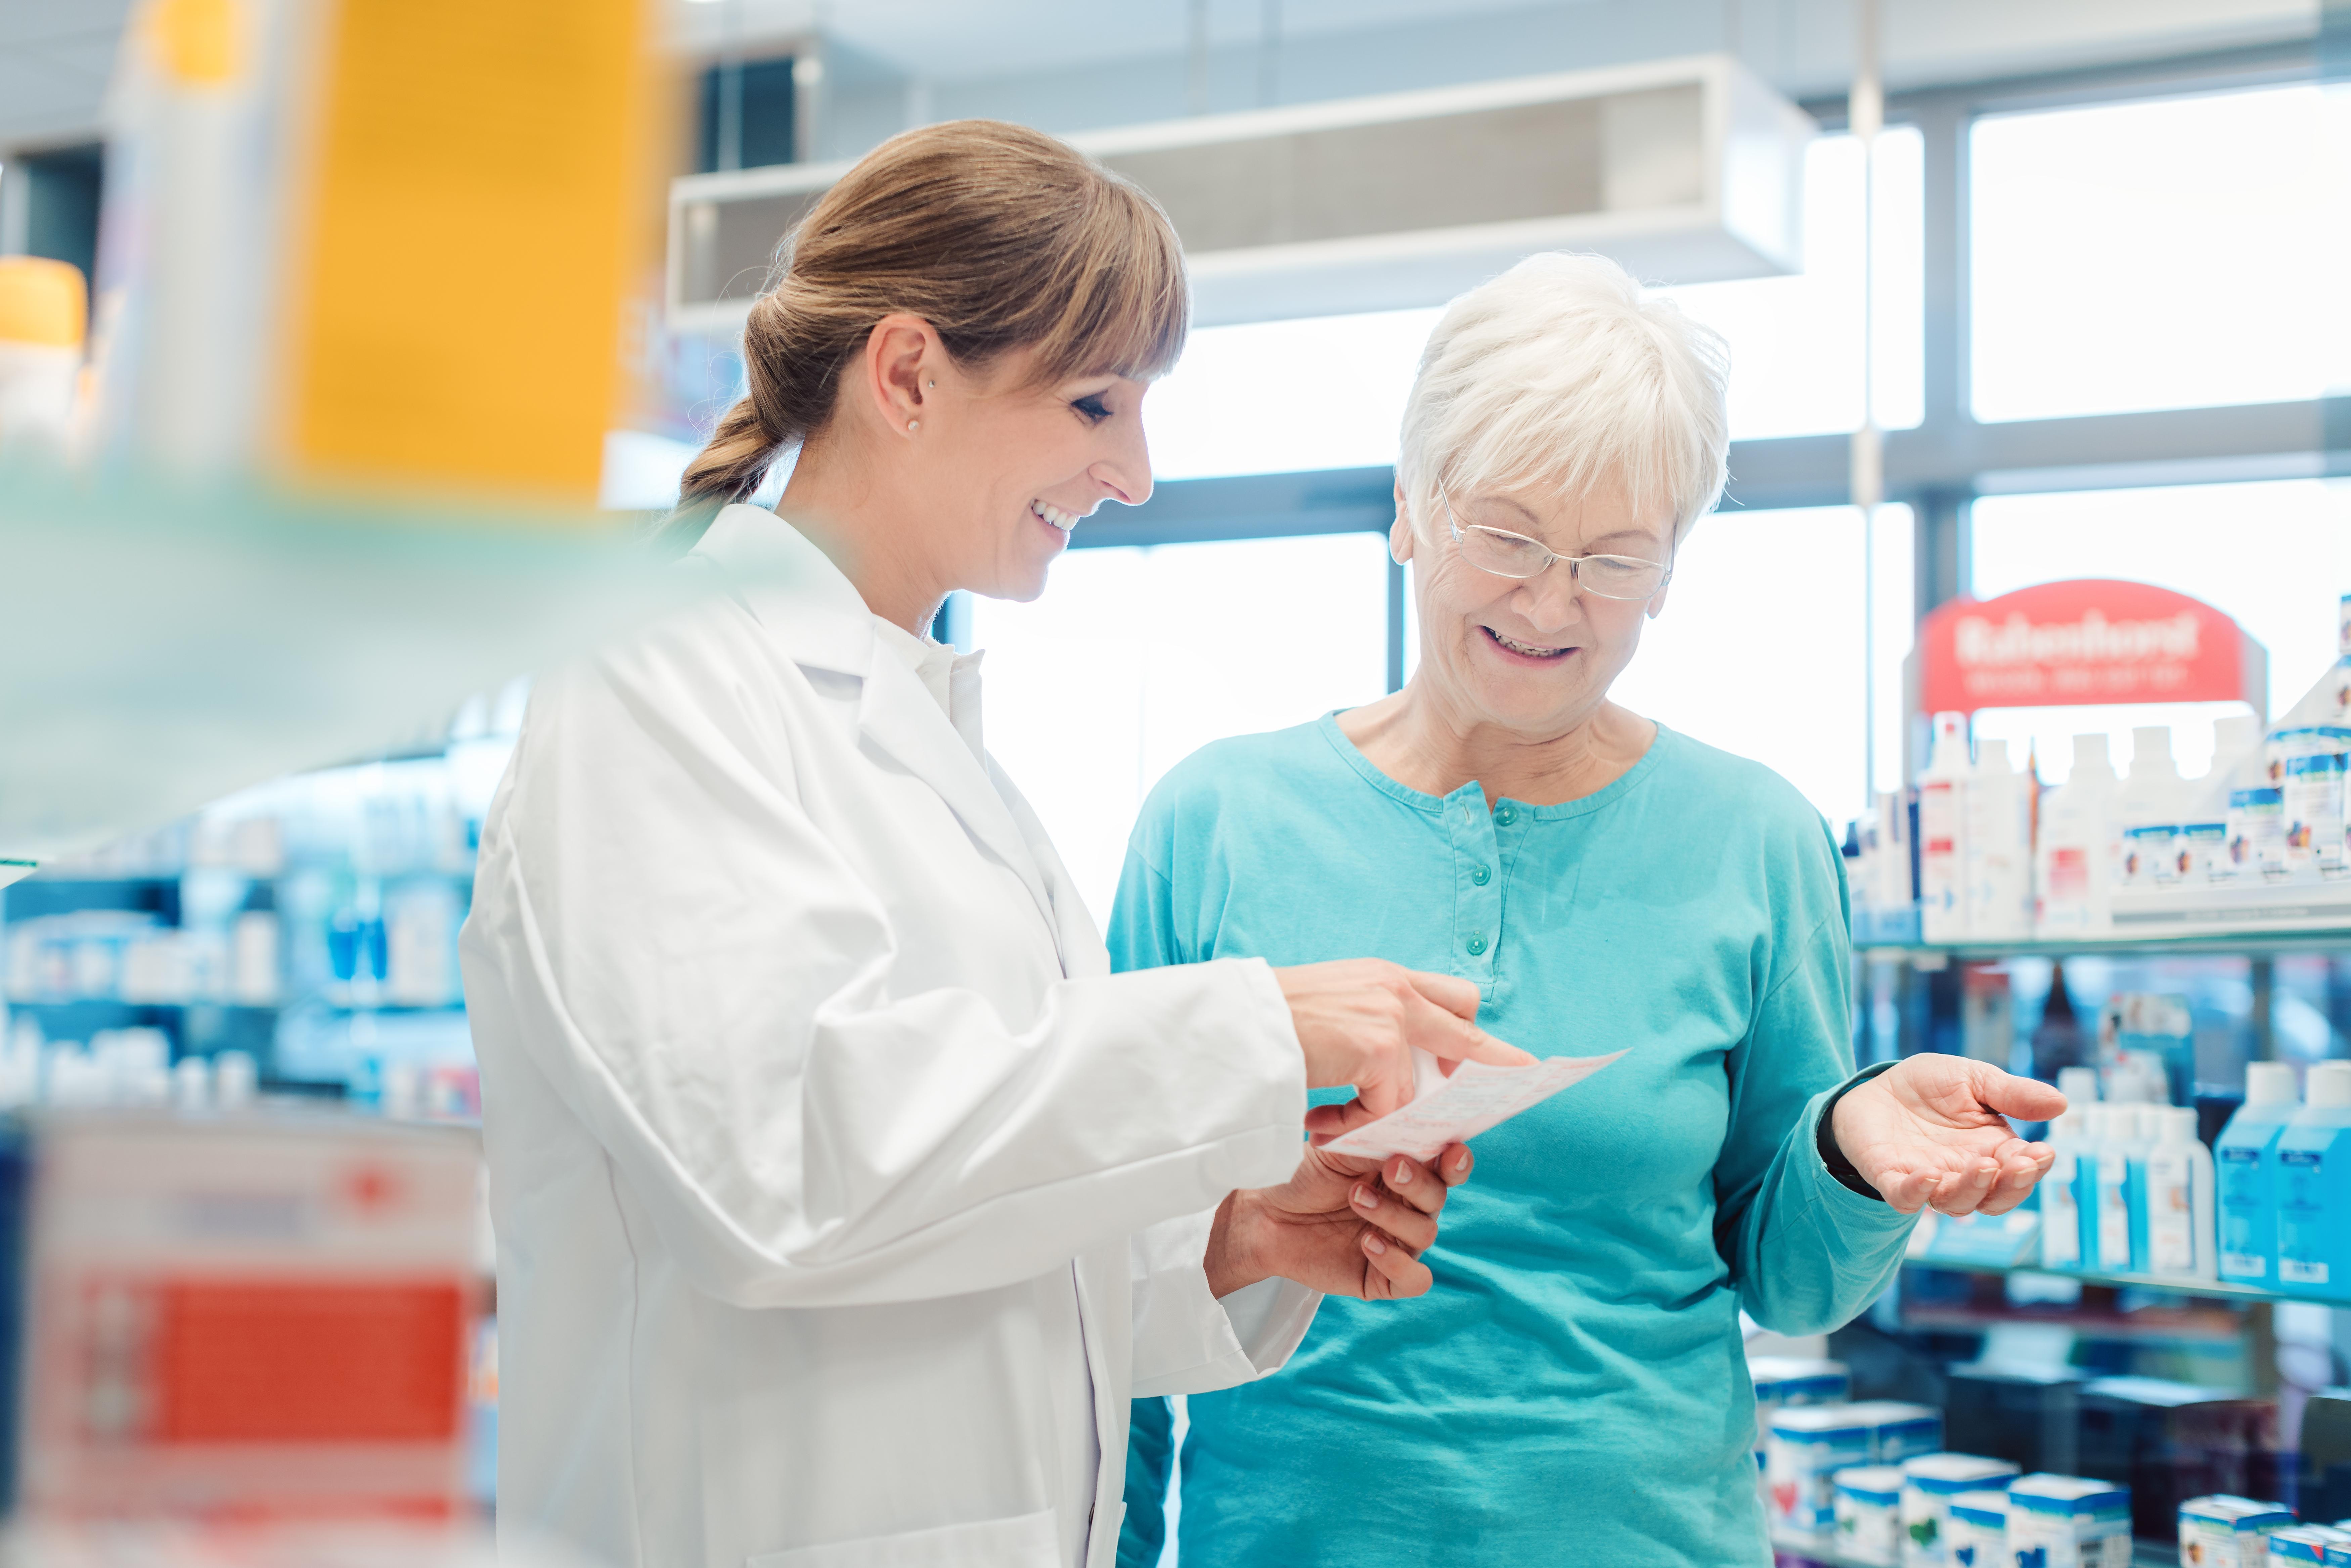 Apoteken är ålagda att såväl erbjuda likvärdiga utbytbara läkemedel som har lägst pris som att upplysa dig som patient att utbyte sker.